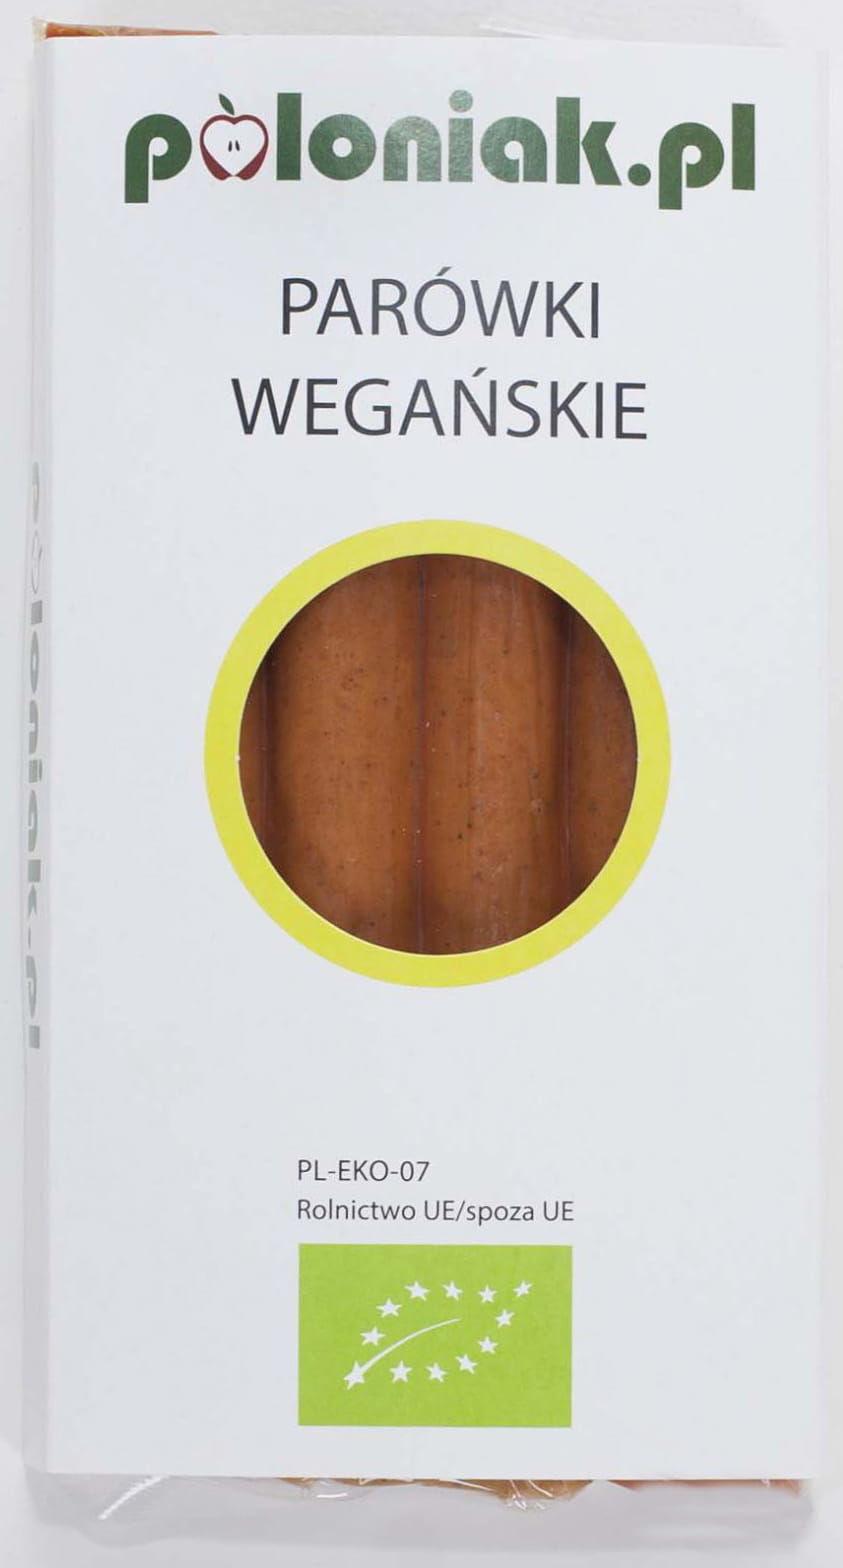 Parówki wegańskie BIO - Poloniak - 230g